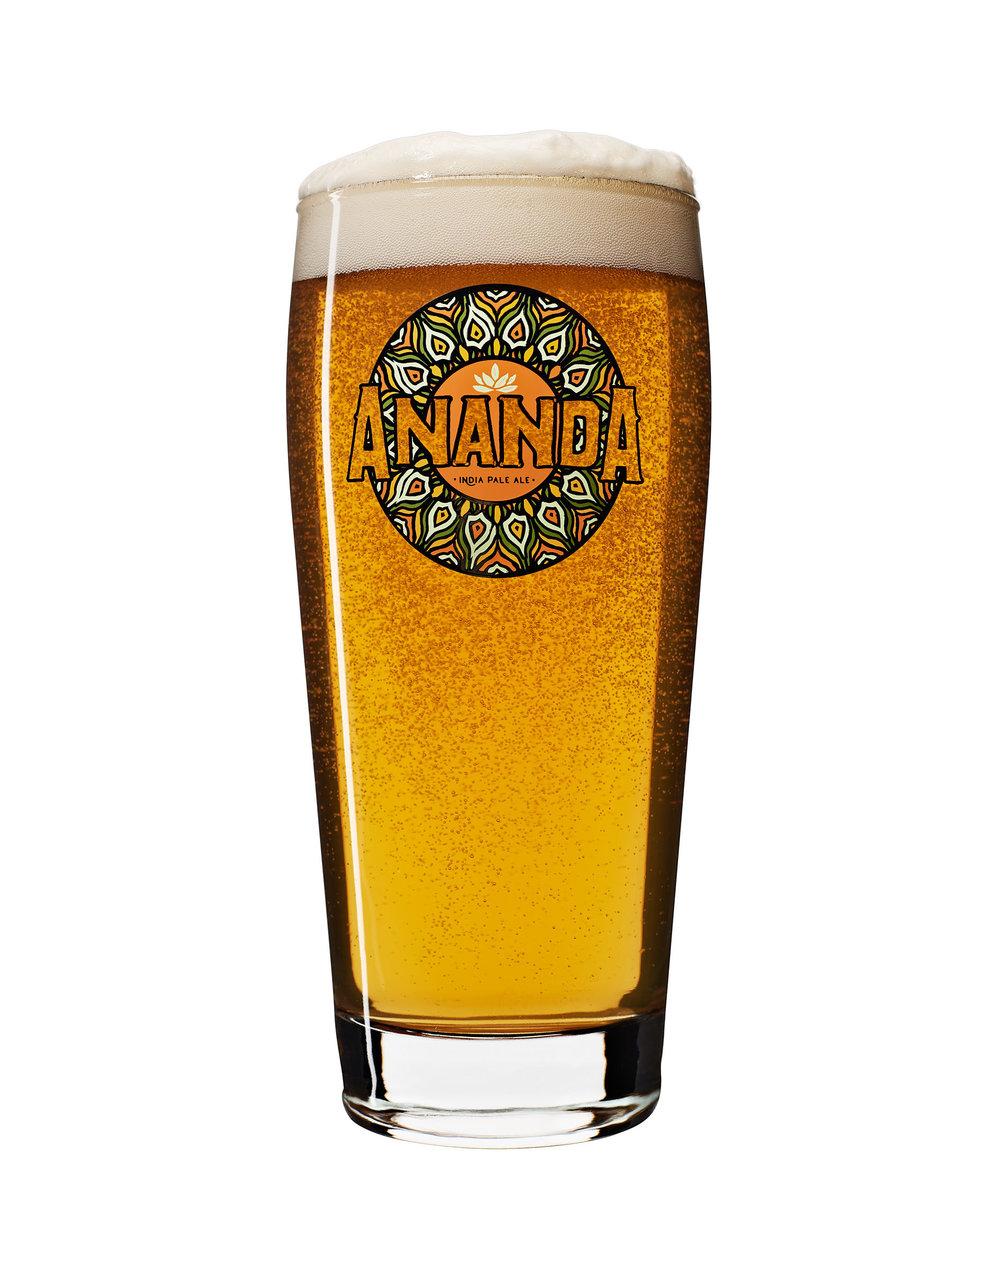 Wiseacre-Beer-Ananda-Glass.jpg